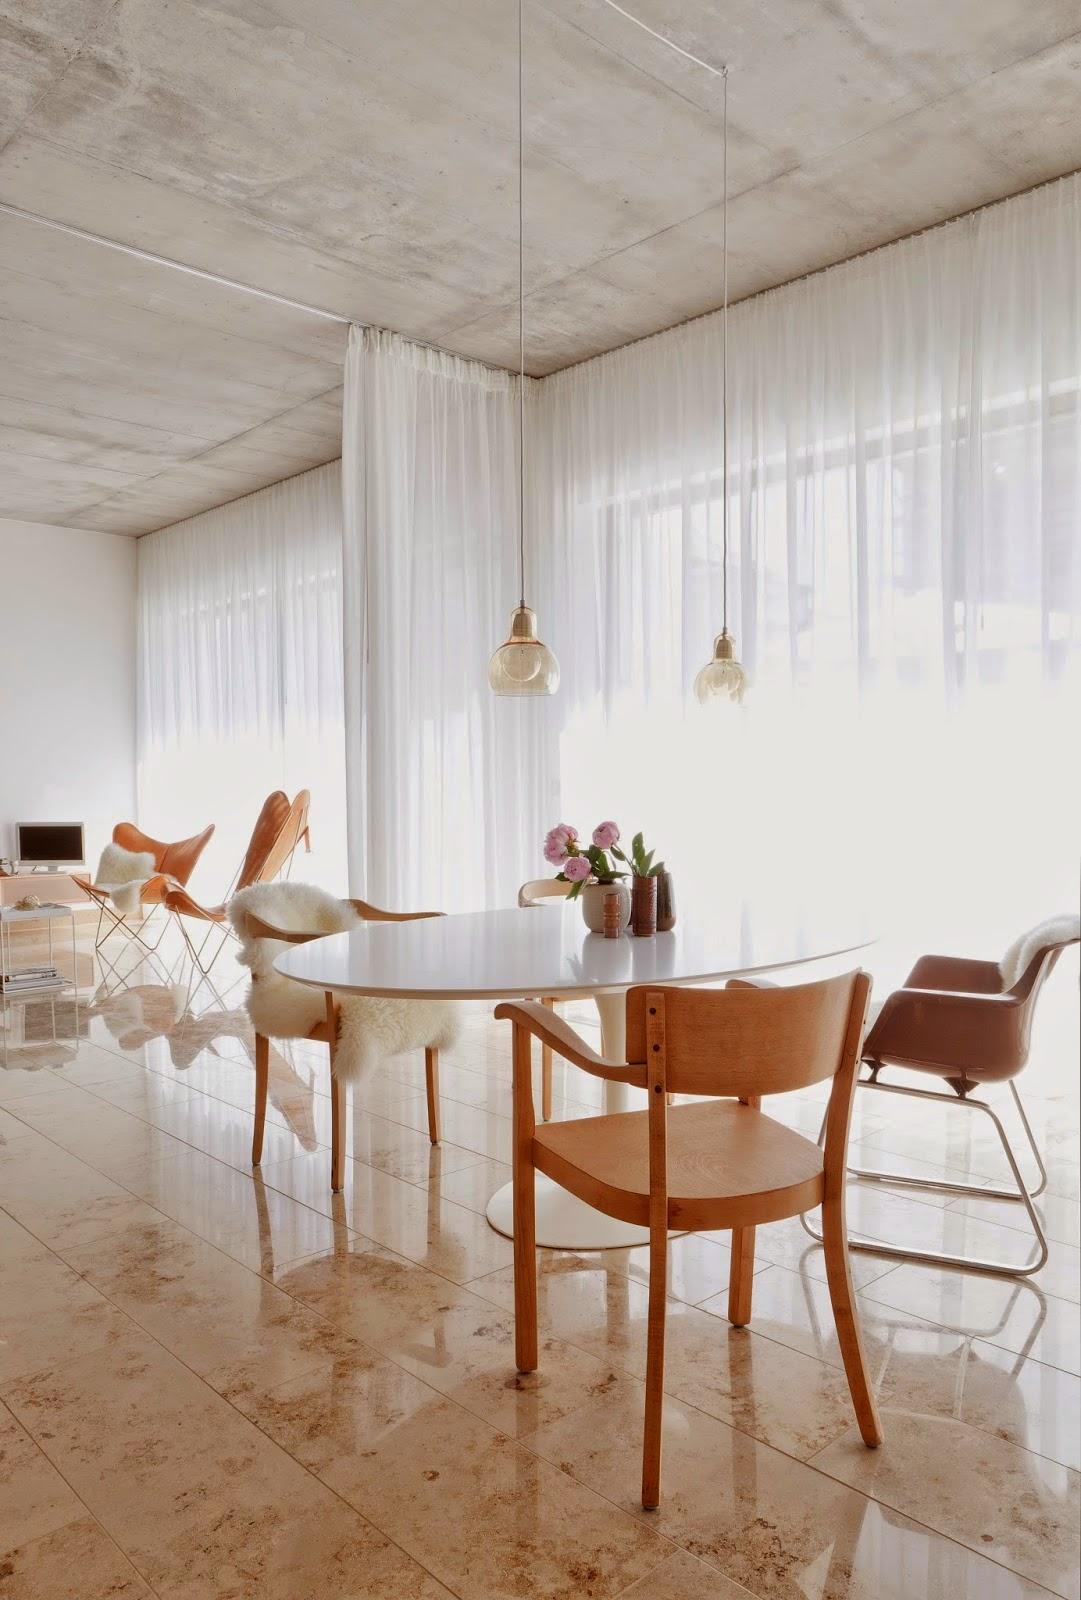 Blog de decora o arquitrecos cortinas dividindo ambientes - Cortinas separadoras de ambientes ...